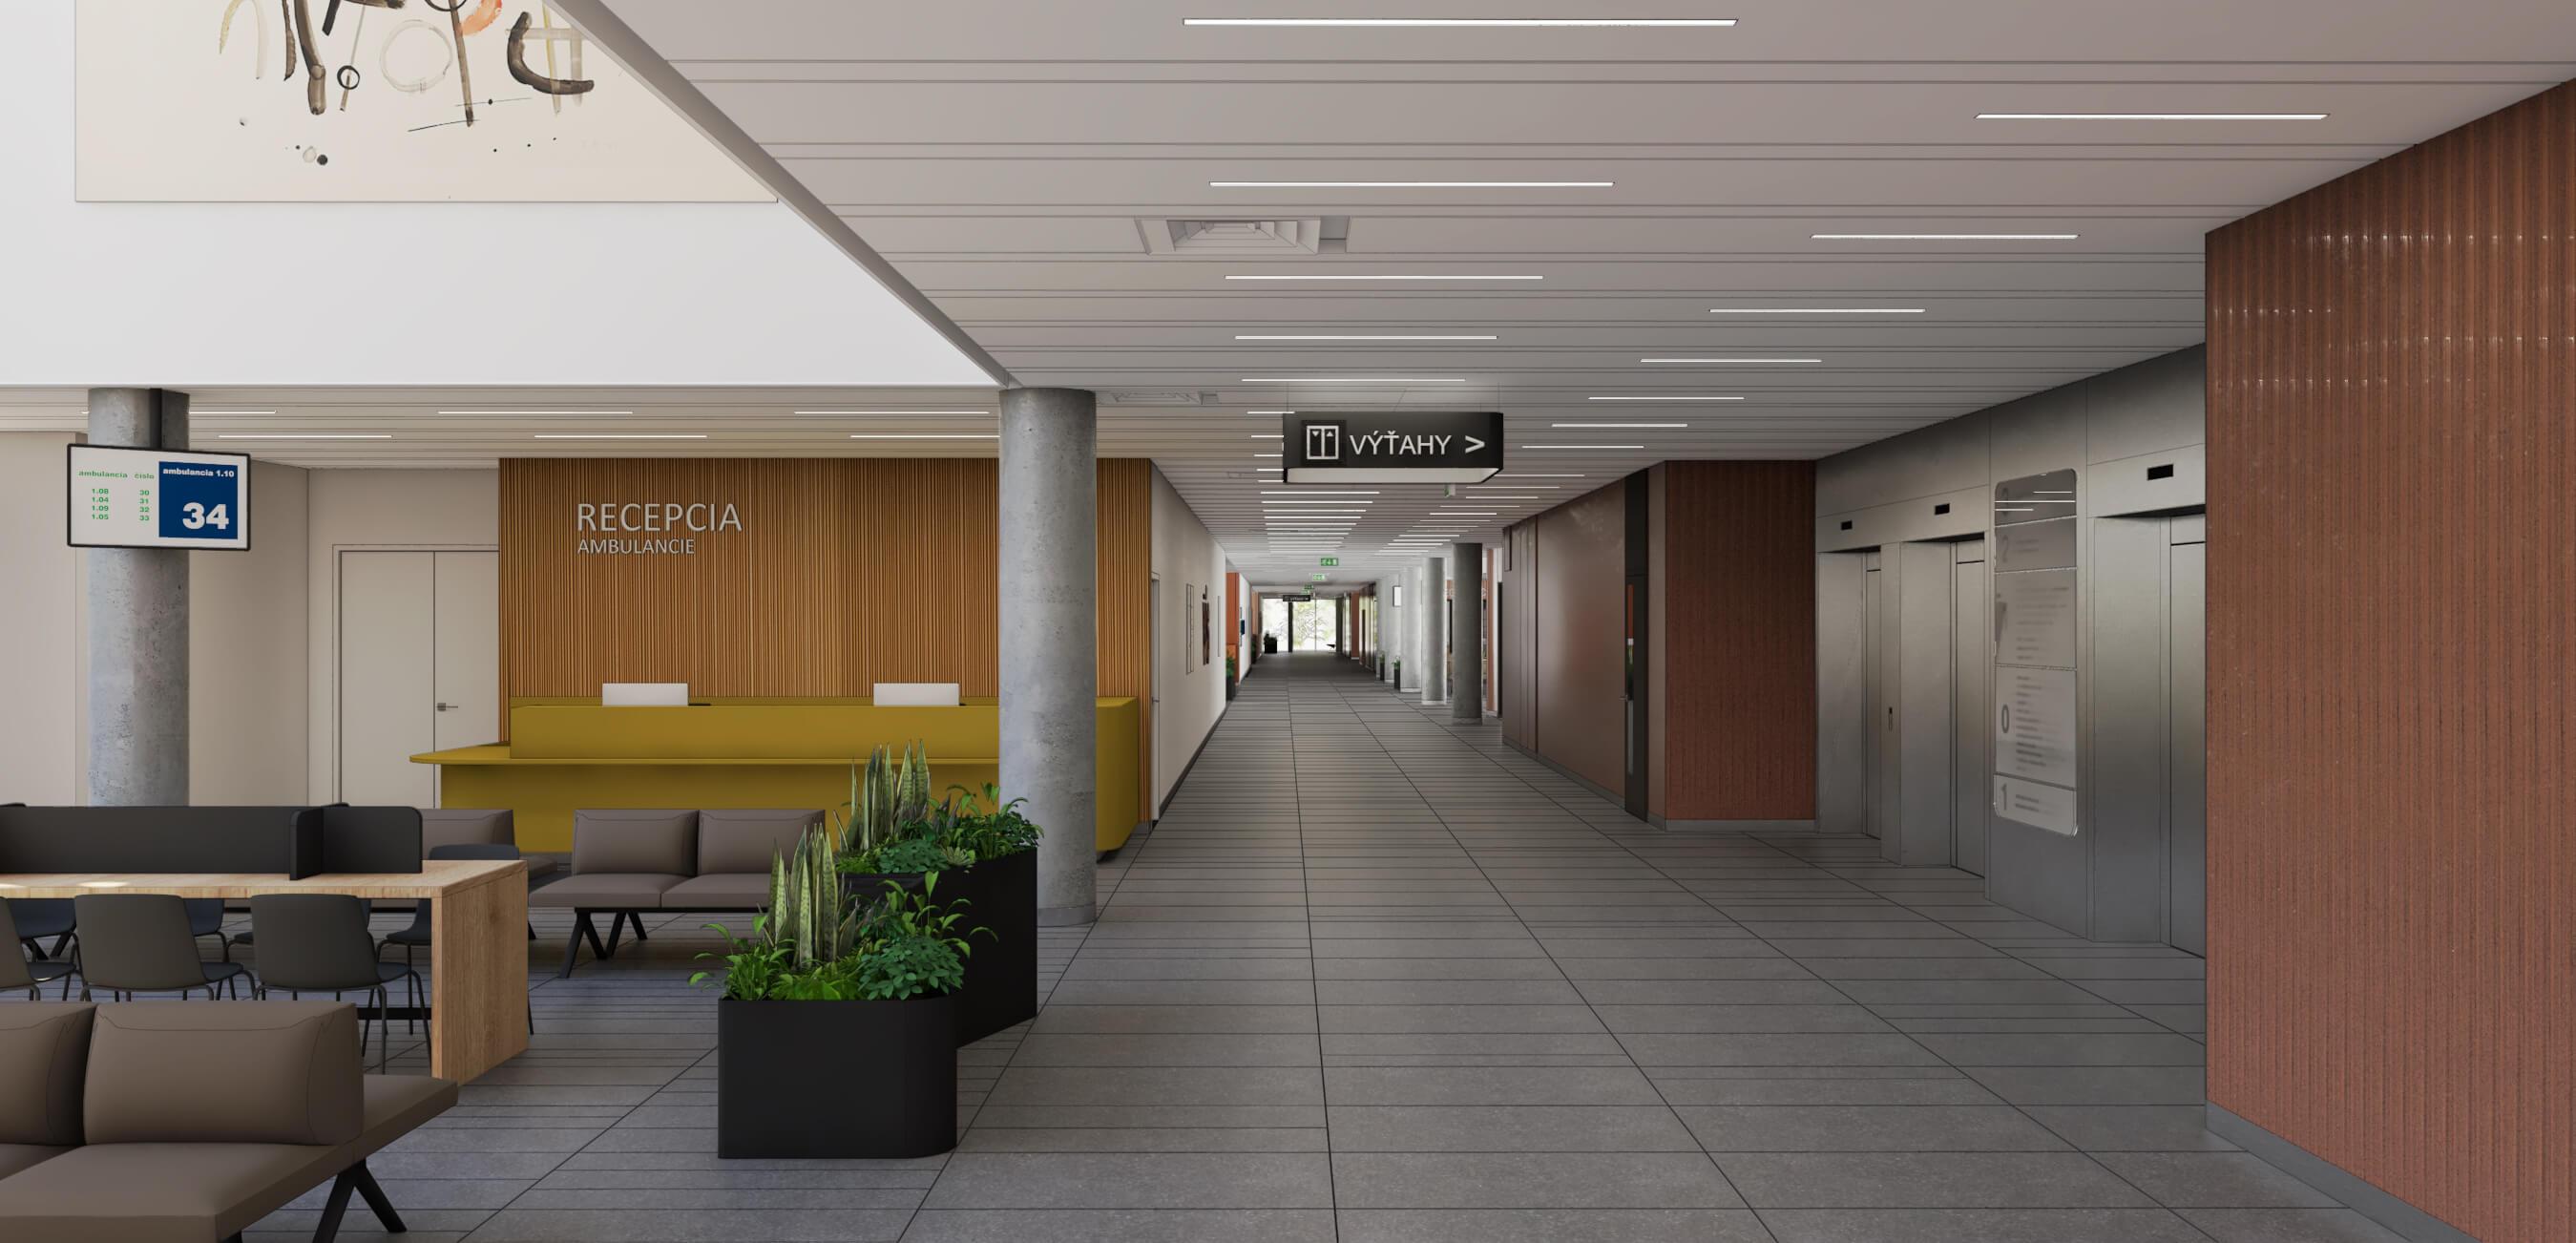 nemocnica bory recepcia oddelenie